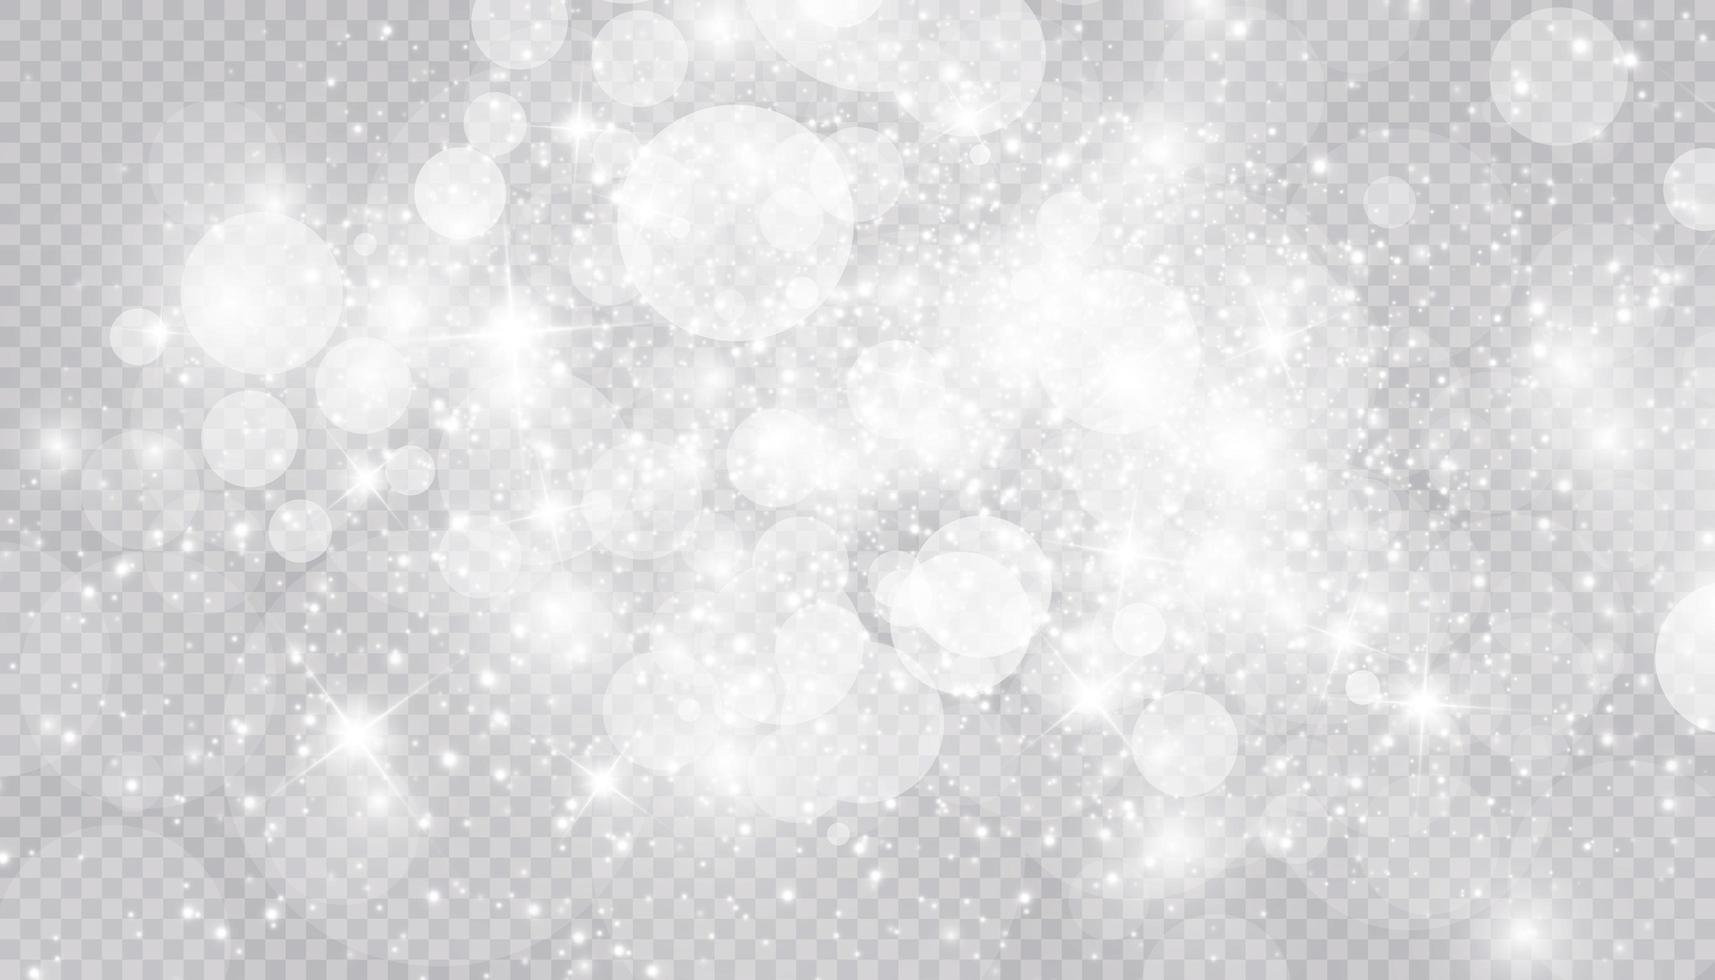 effetto luce incandescente con molte particelle glitter isolate vettore